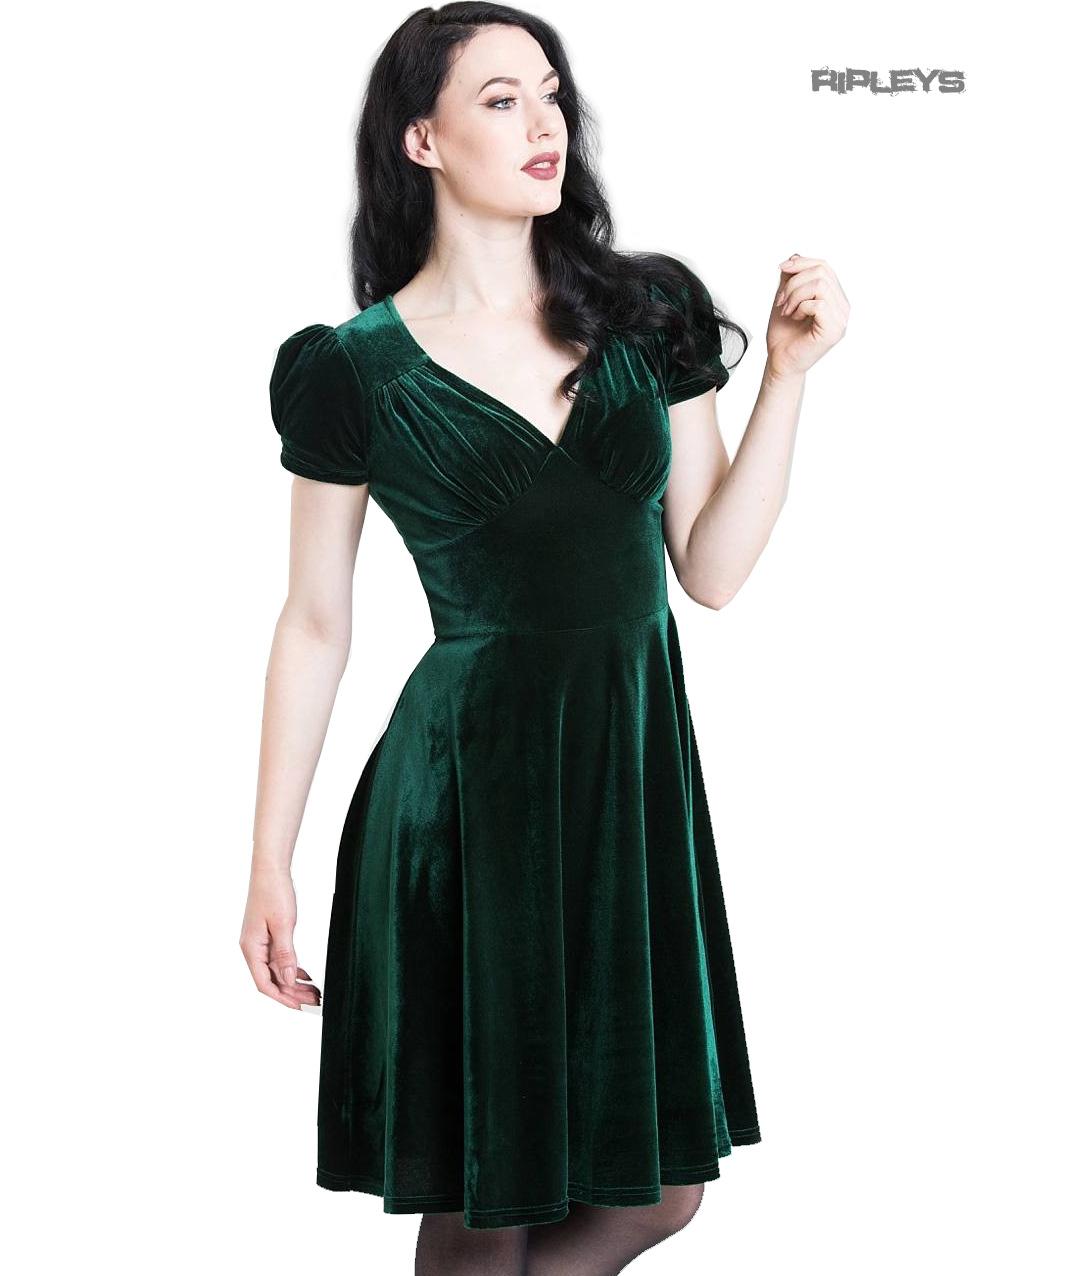 Hell-Bunny-40s-50s-Elegant-Pin-Up-Dress-JOANNE-Crushed-Velvet-Green-All-Sizes thumbnail 20